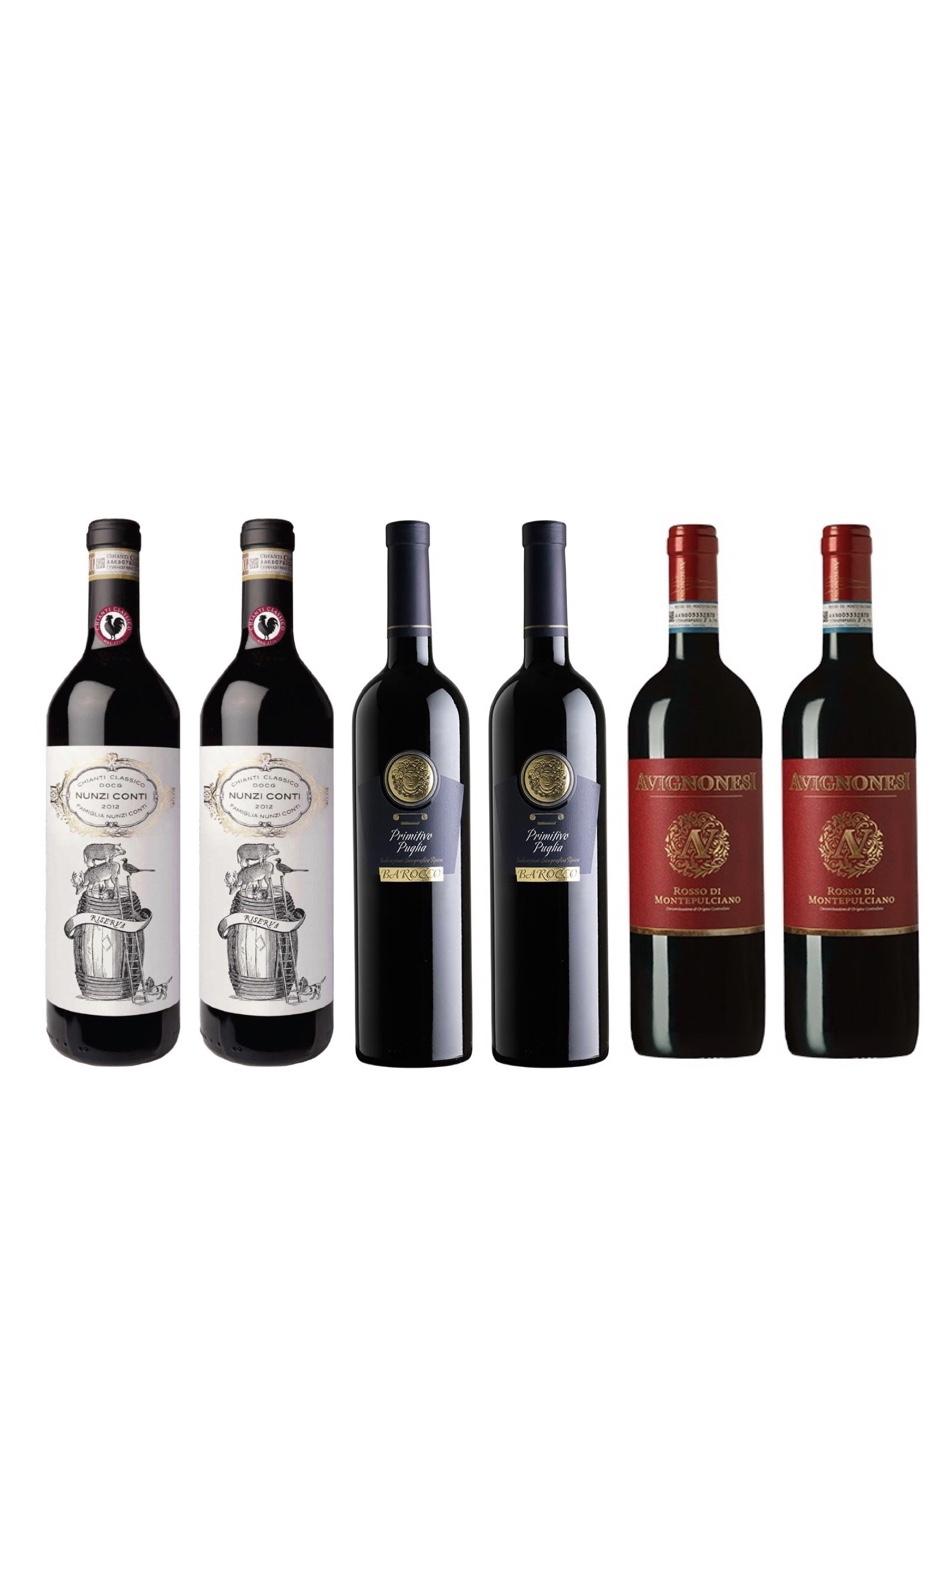 Italian wine tasting bundle